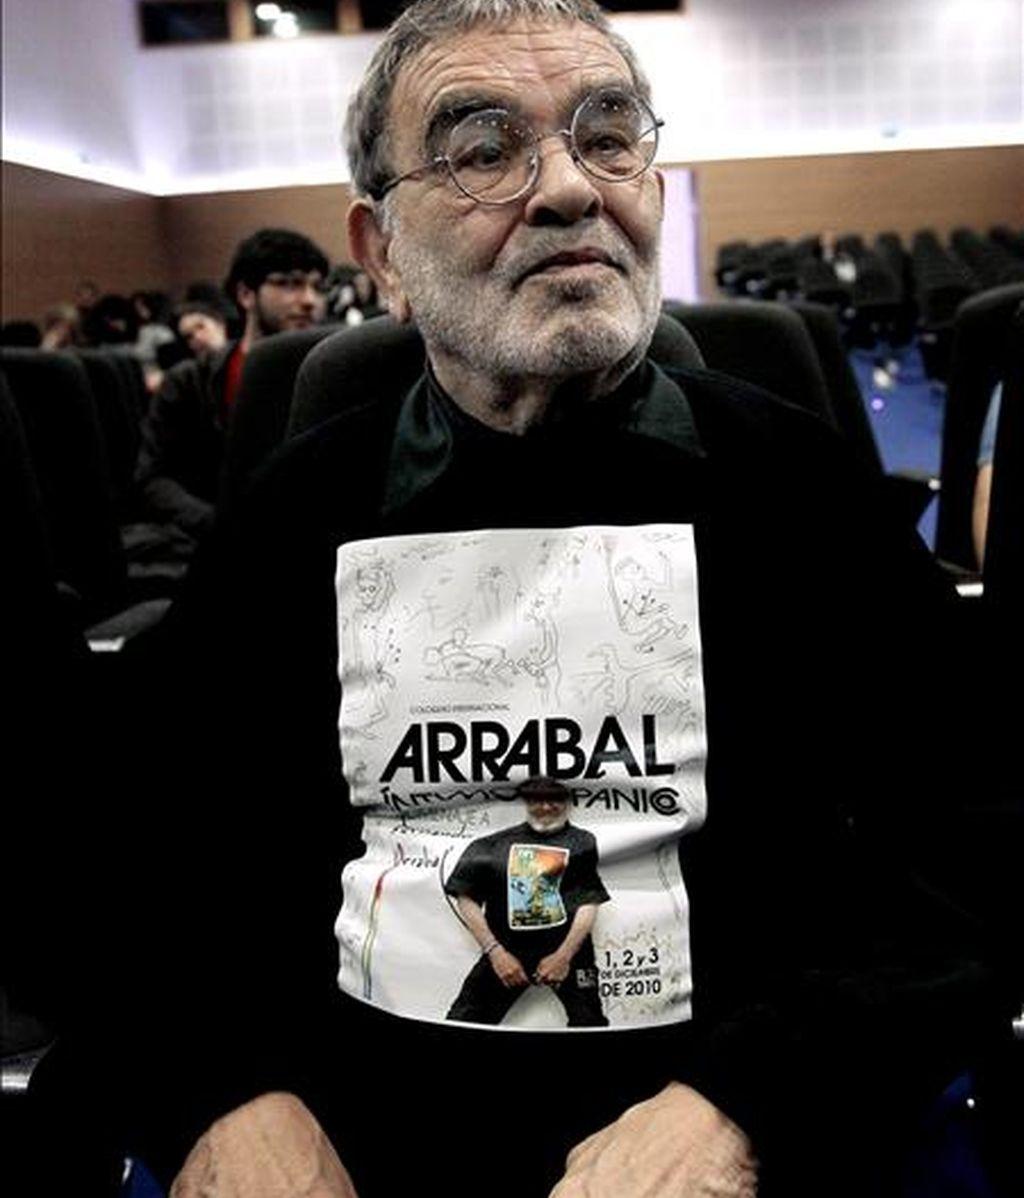 El dramaturgo Fernando Arrabal durante el coloqio-homenaje que le tributa la Universidad de Valencia y en el que se repasará su filmografia completa asi como representaciones escénicas relacionadas con su obra. EFE